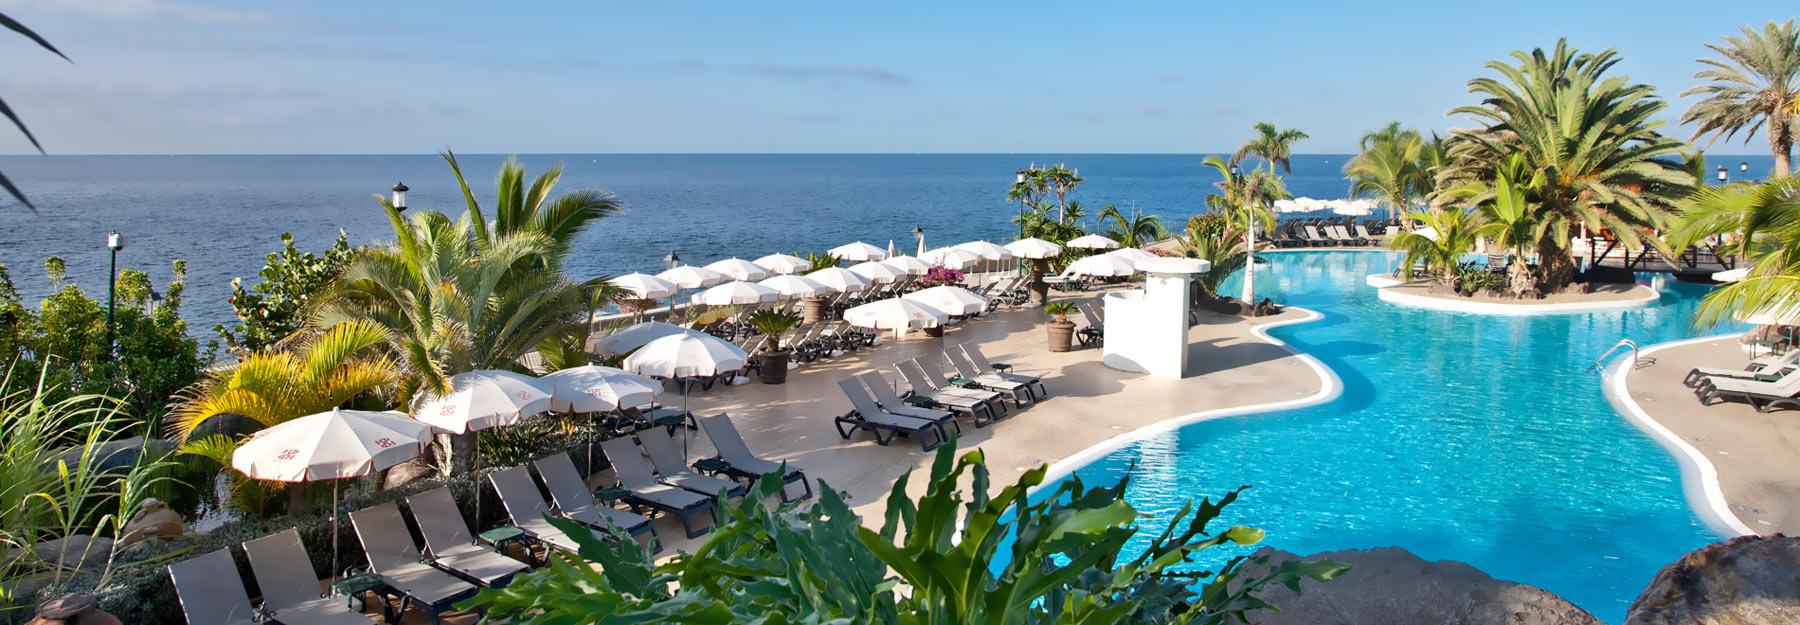 Servicios roca nivaria adrian hoteles playa de for Adrian hoteles jardin de nivaria tenerife